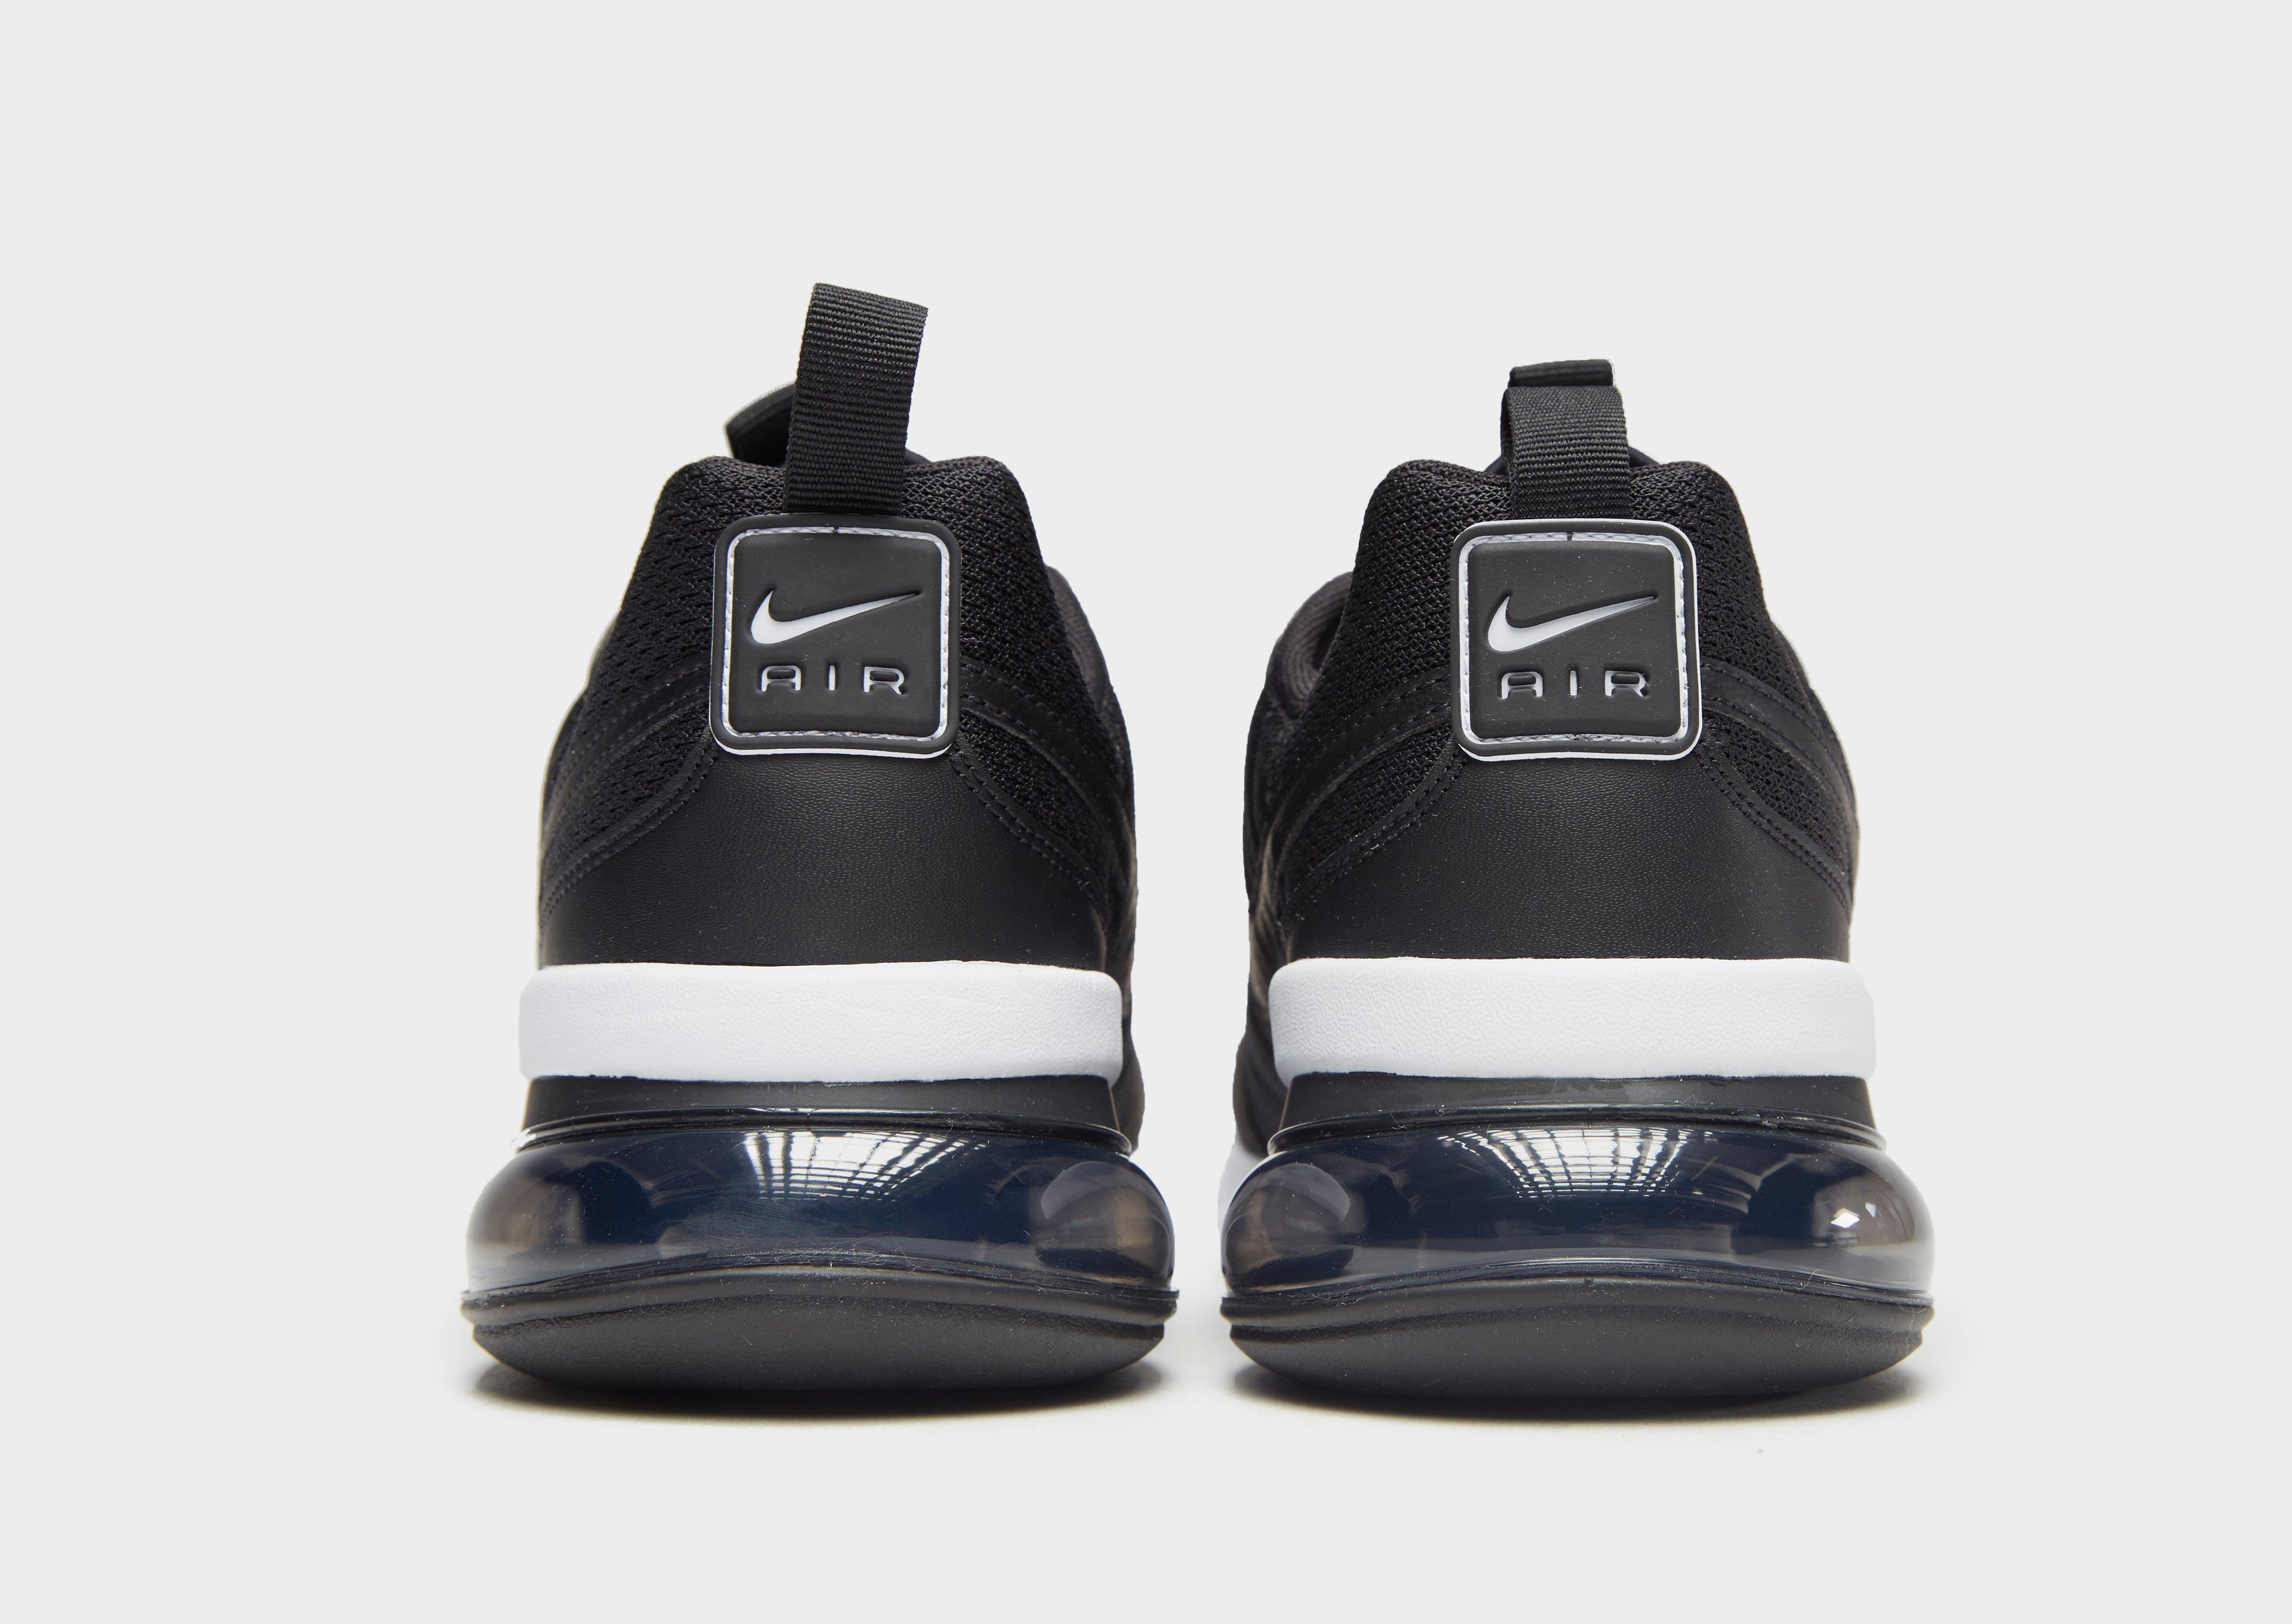 Lyst nike air max futura in black for men jpg 4288x3039 Nike futura 2000 f1b18b628a414